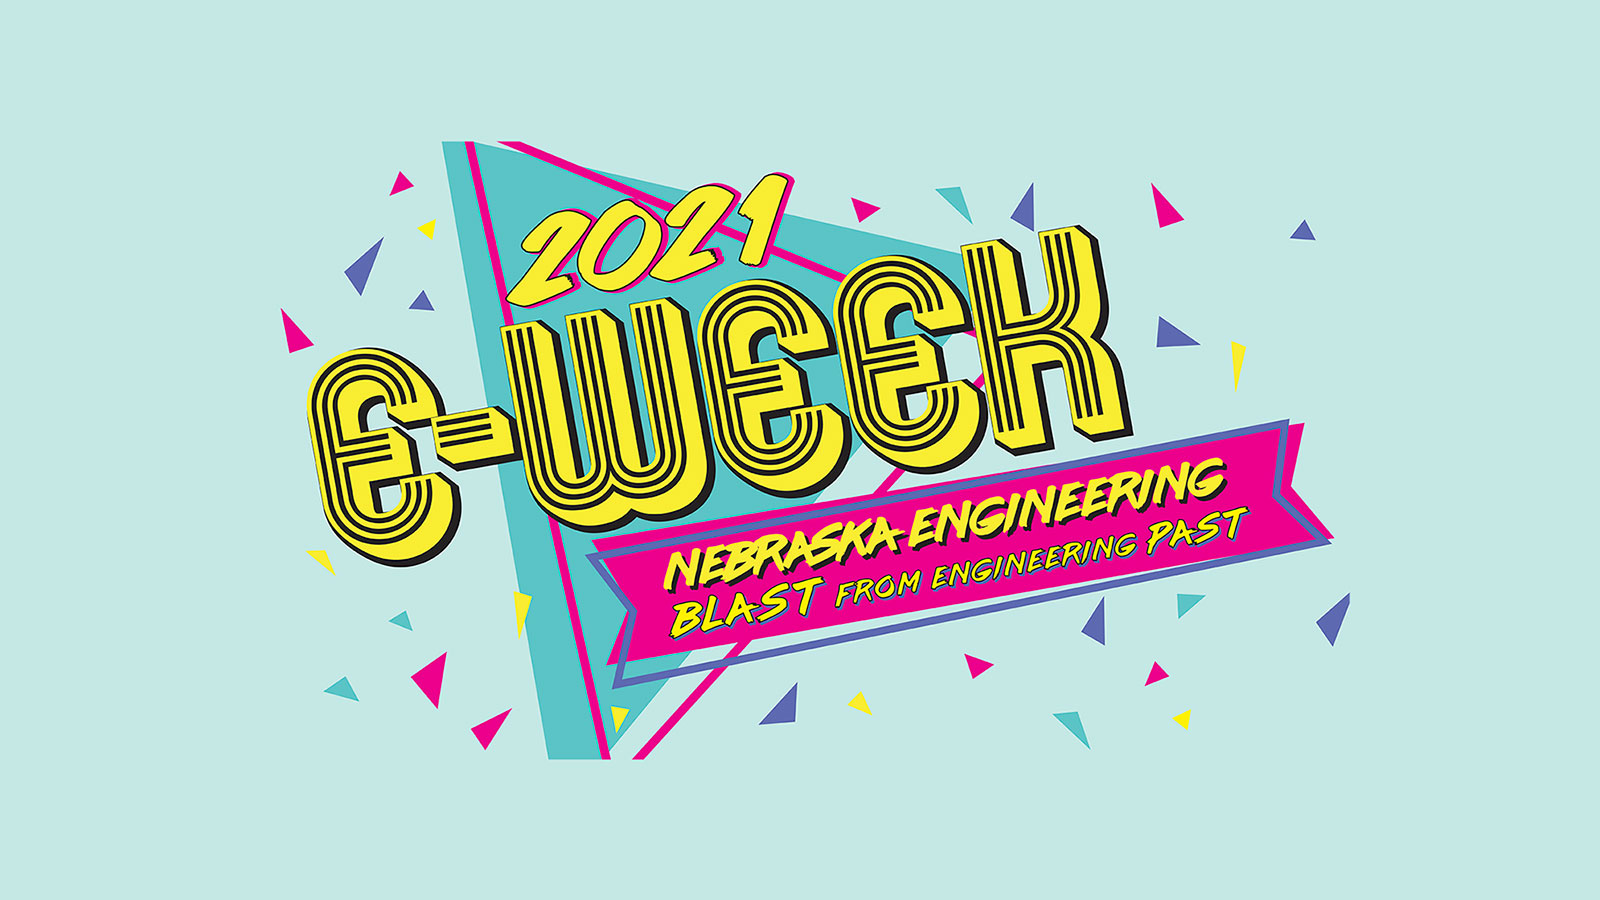 2021 E-Week: Nebraska Engineering Blast from Engineering past